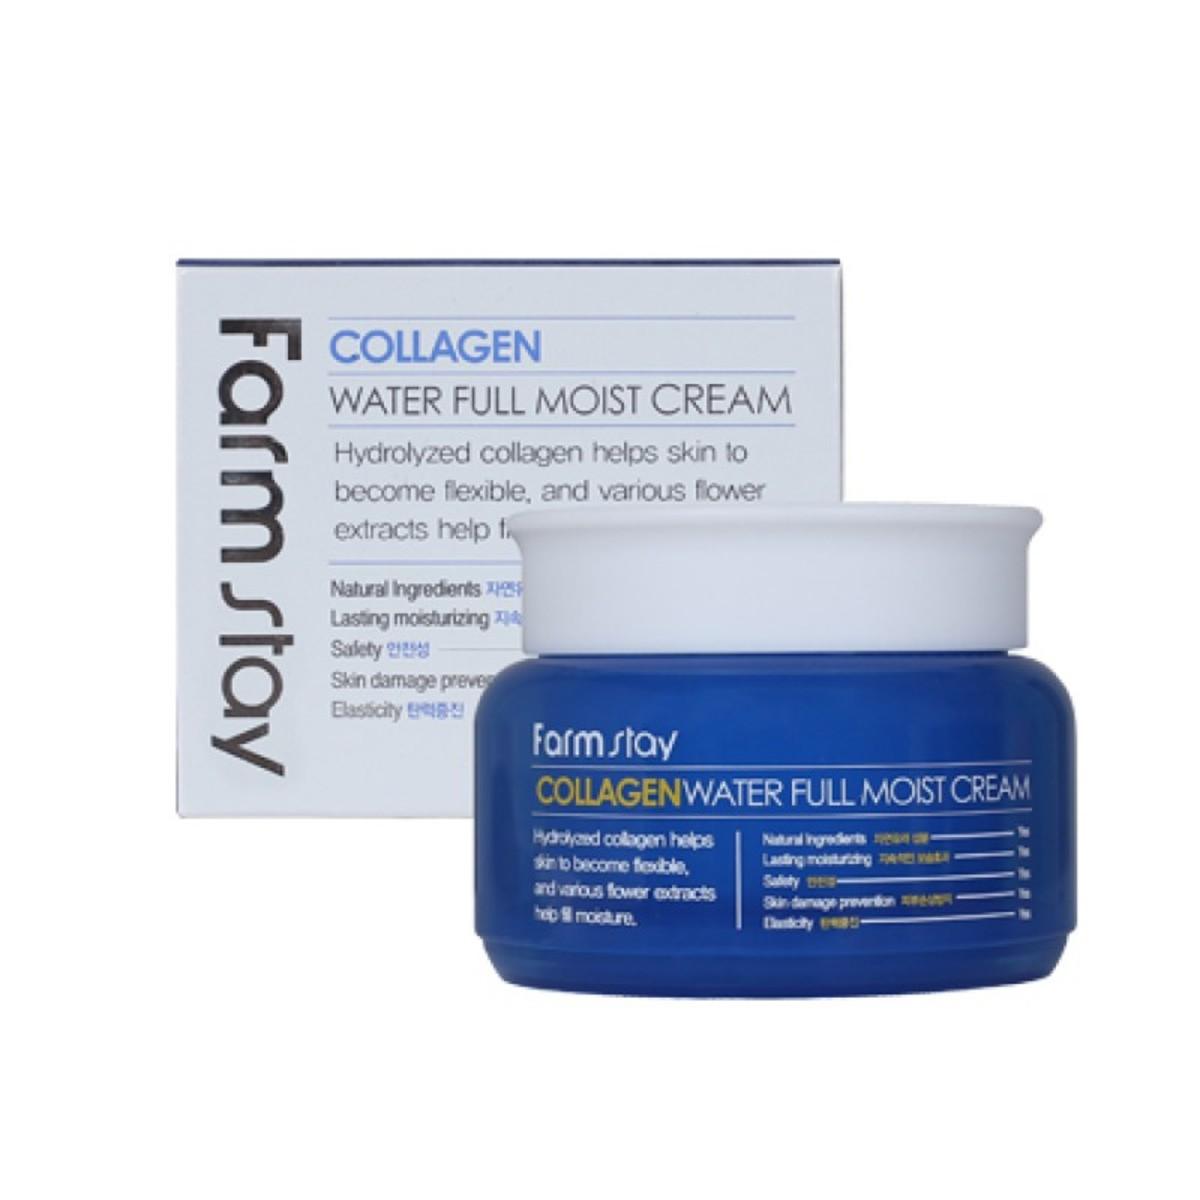 Collagen Water Full Moist Cream 100g